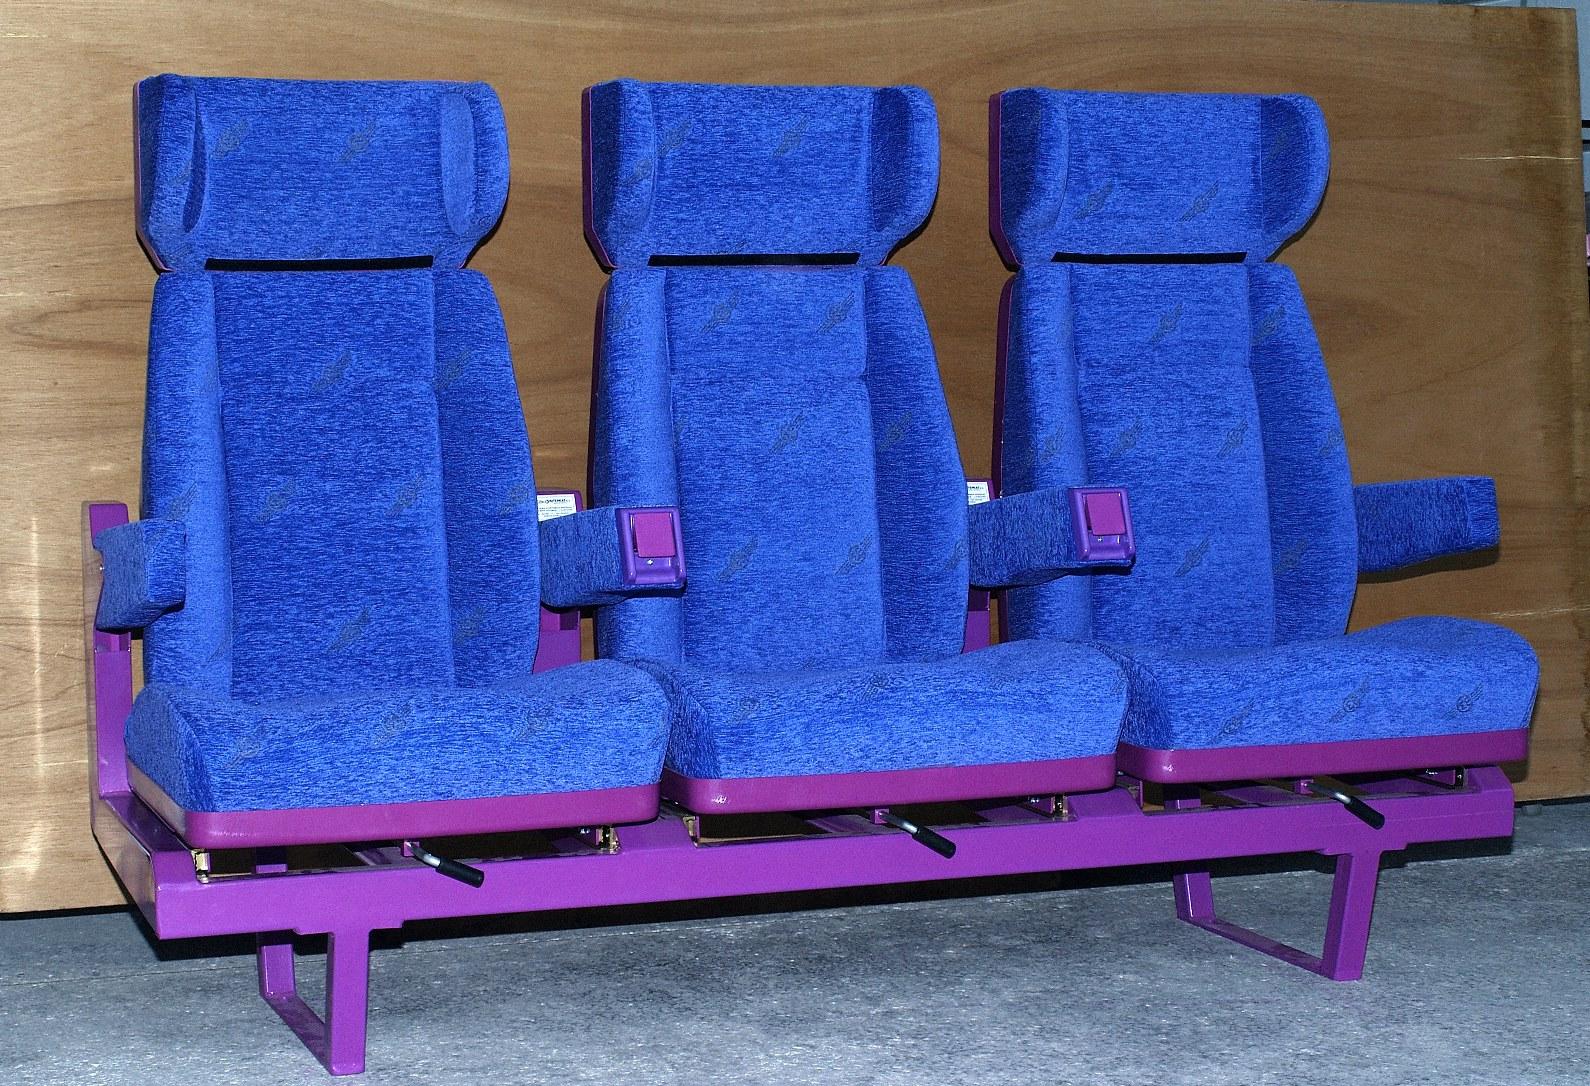 Κάθισμα, τριπλό πλευρικού διαδρόμου 3